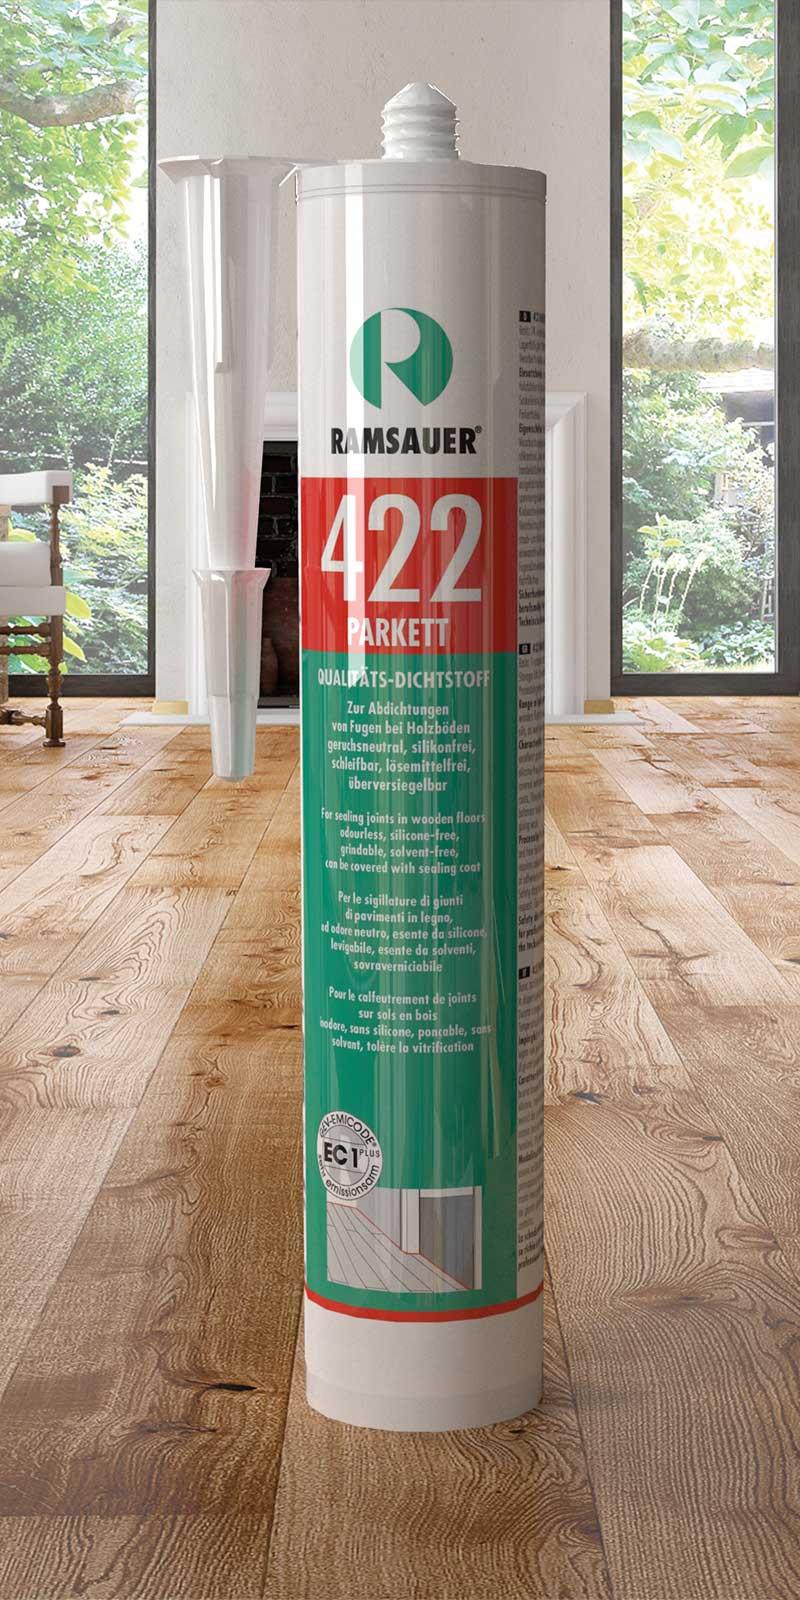 герметика RAMSAUER® 422 PARKETT для ламината и пробки